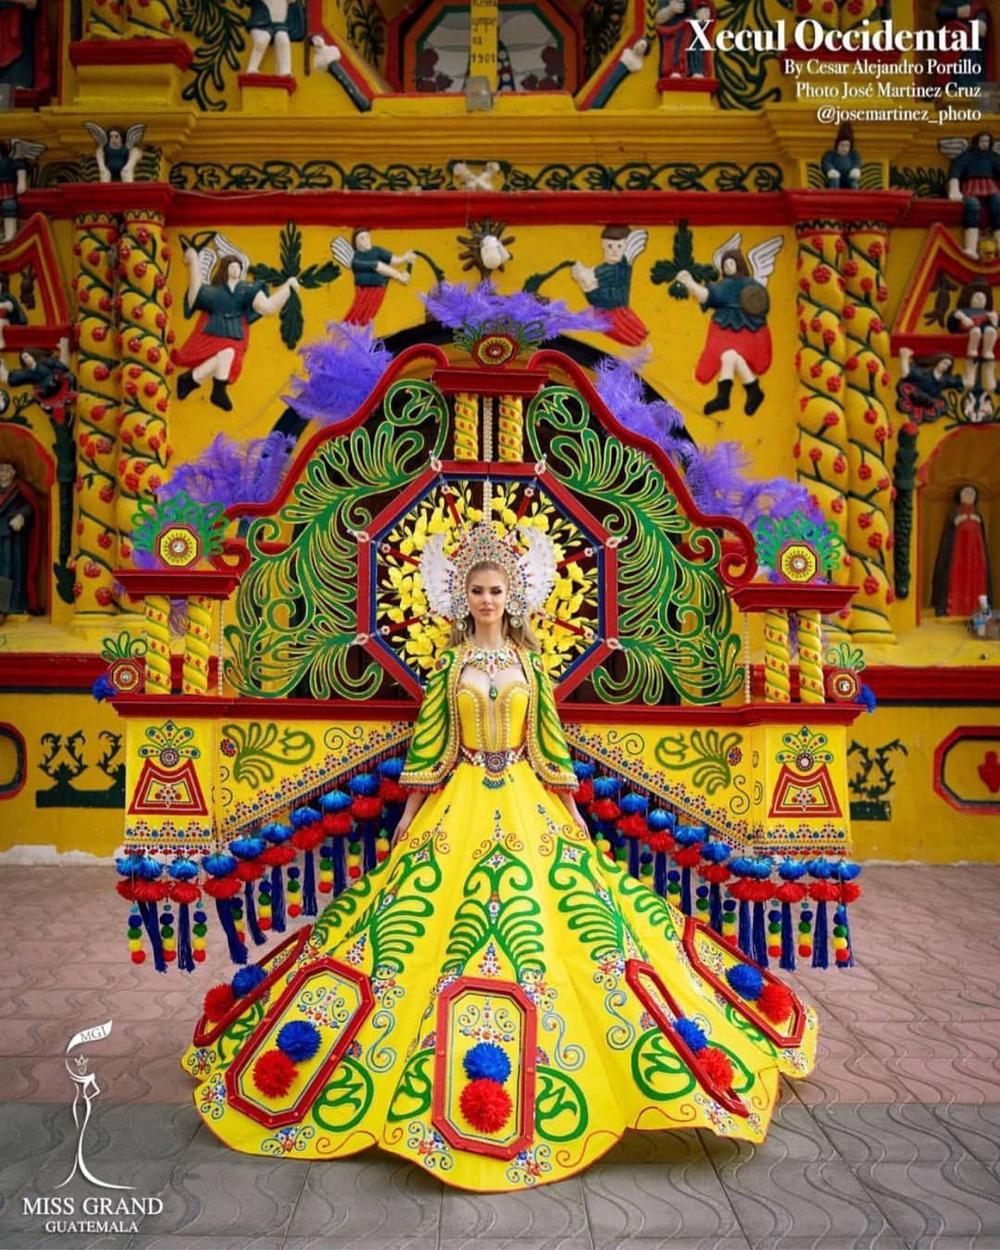 National Costume Hoa hậu Hòa bình: Indonesia - Thái Lan quá độc đáo, Guatamala hoành tráng Ảnh 7